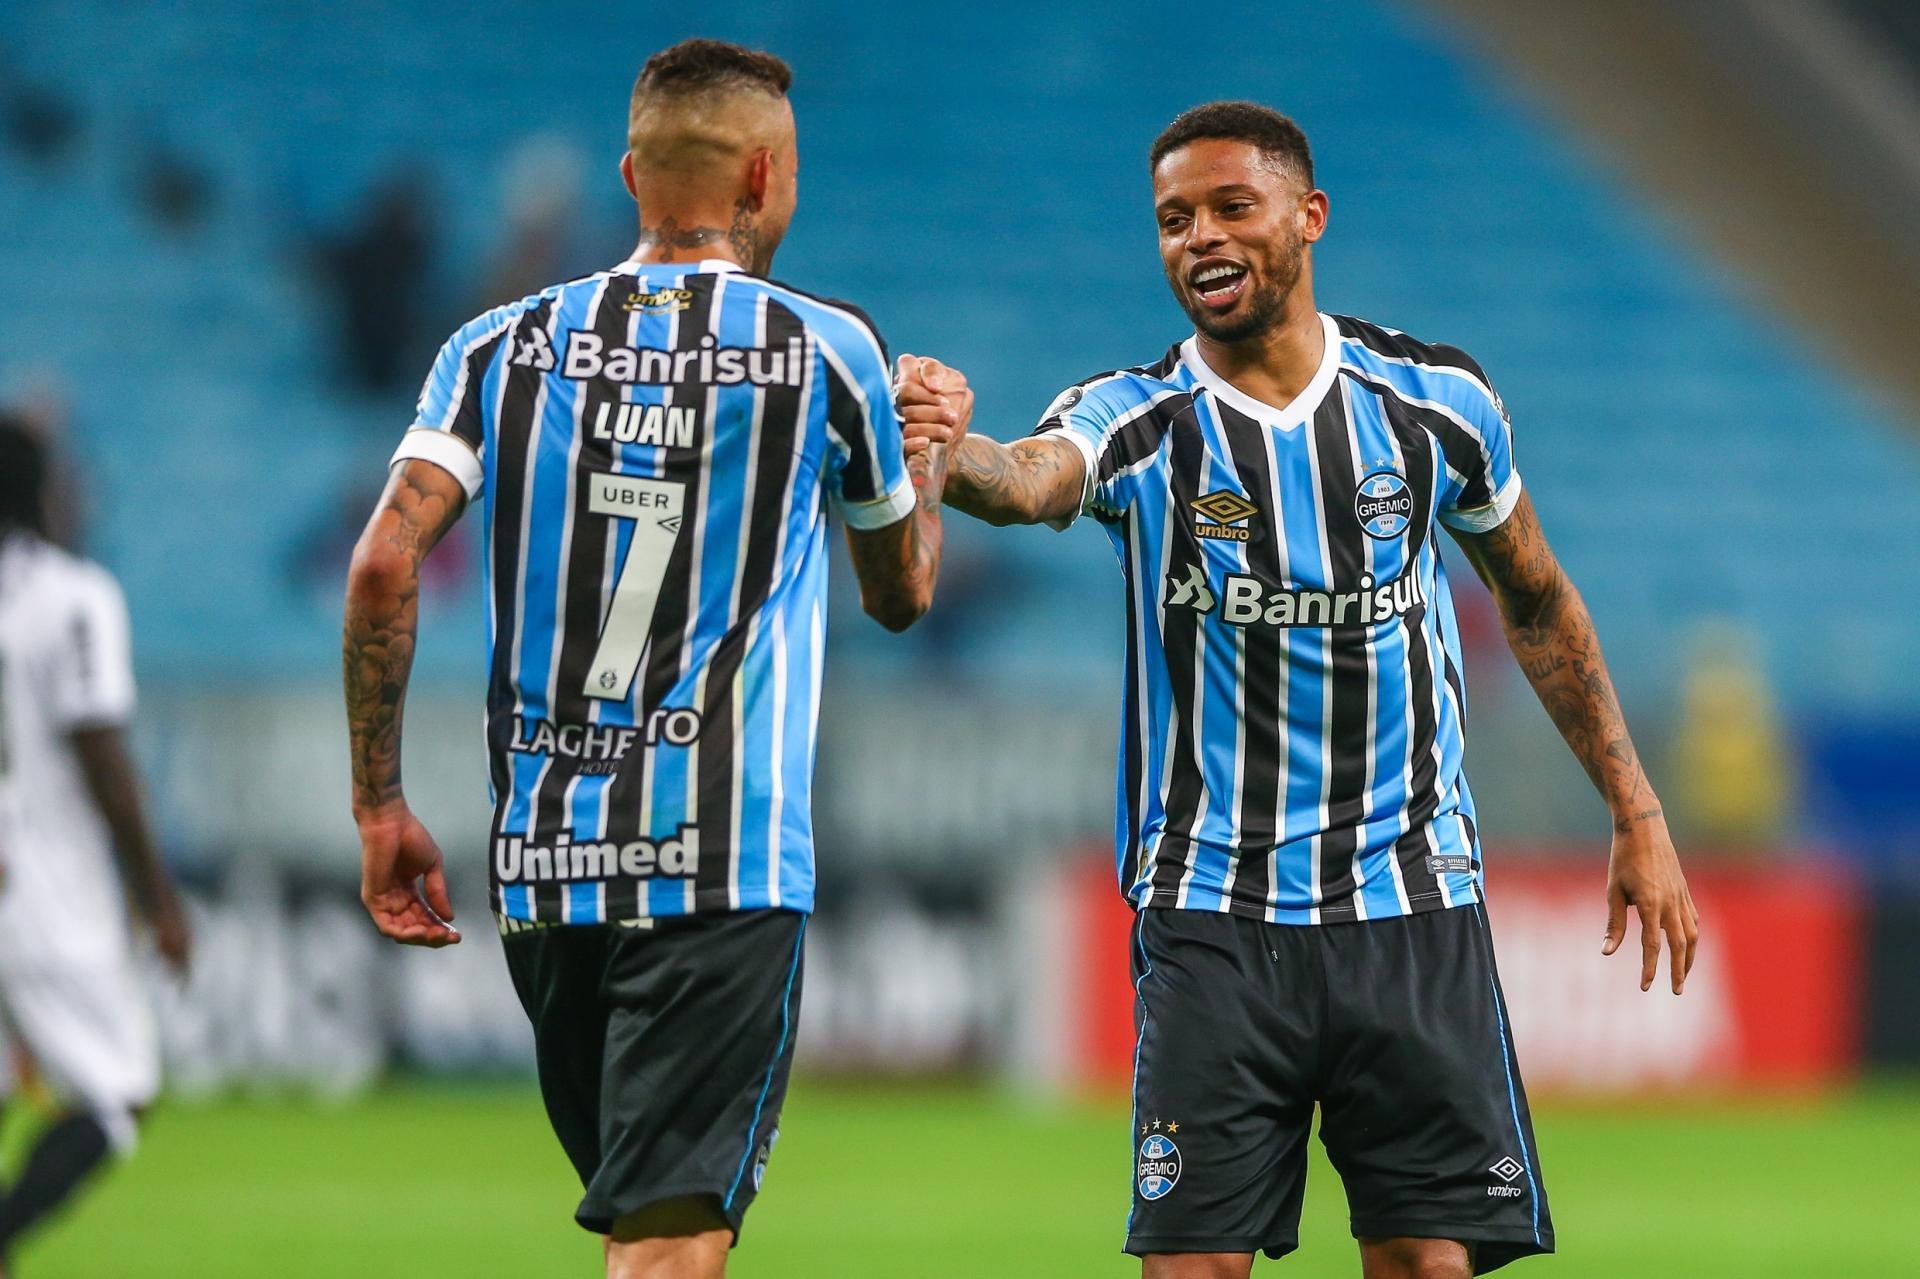 André comemora com Luan o segundo gol de Grêmio ao vencer o Galo por 2 a 0